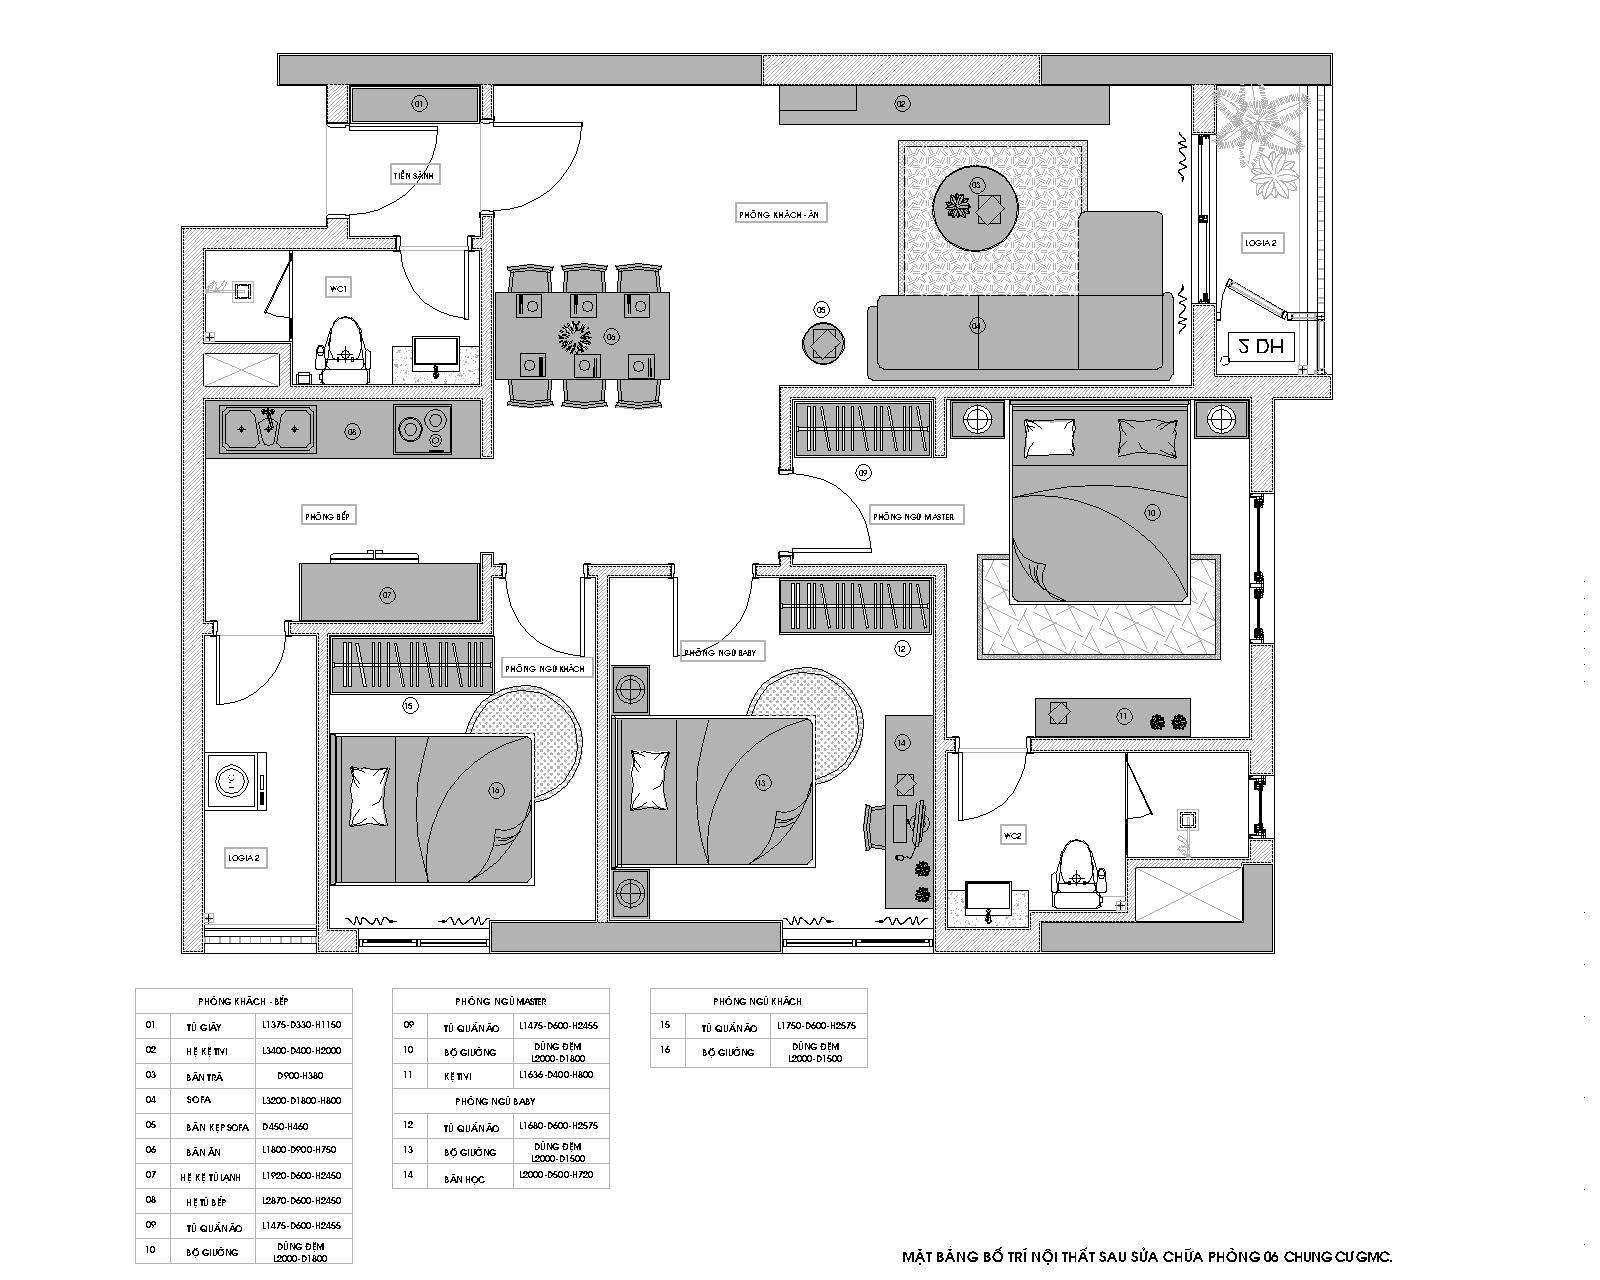 Thiết kế nội thất chung cư - Hotline: 091 559 1234